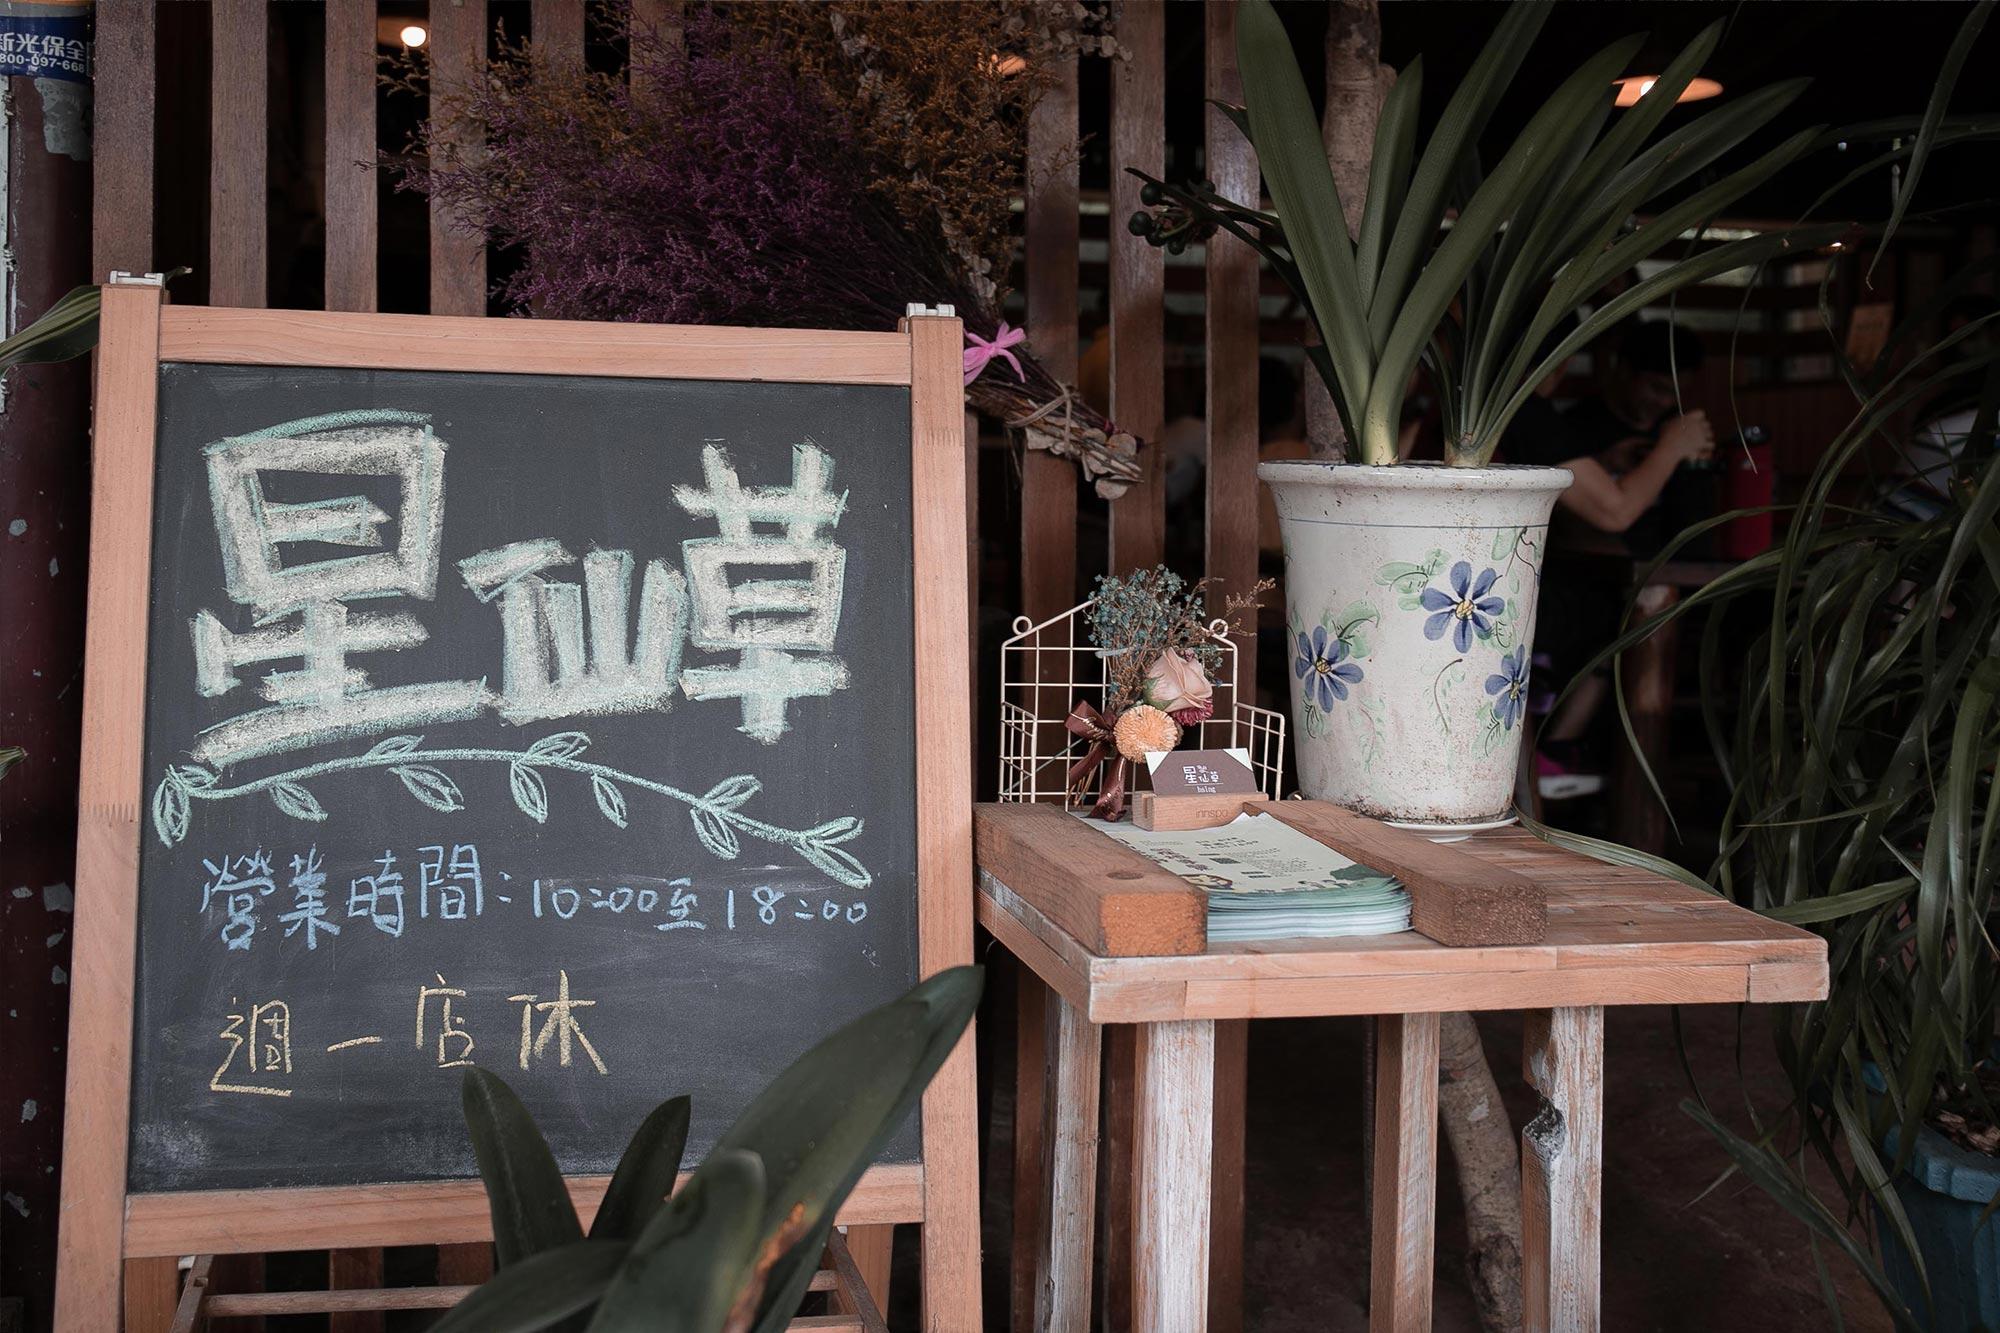 苗栗南庄_星仙草戶外4